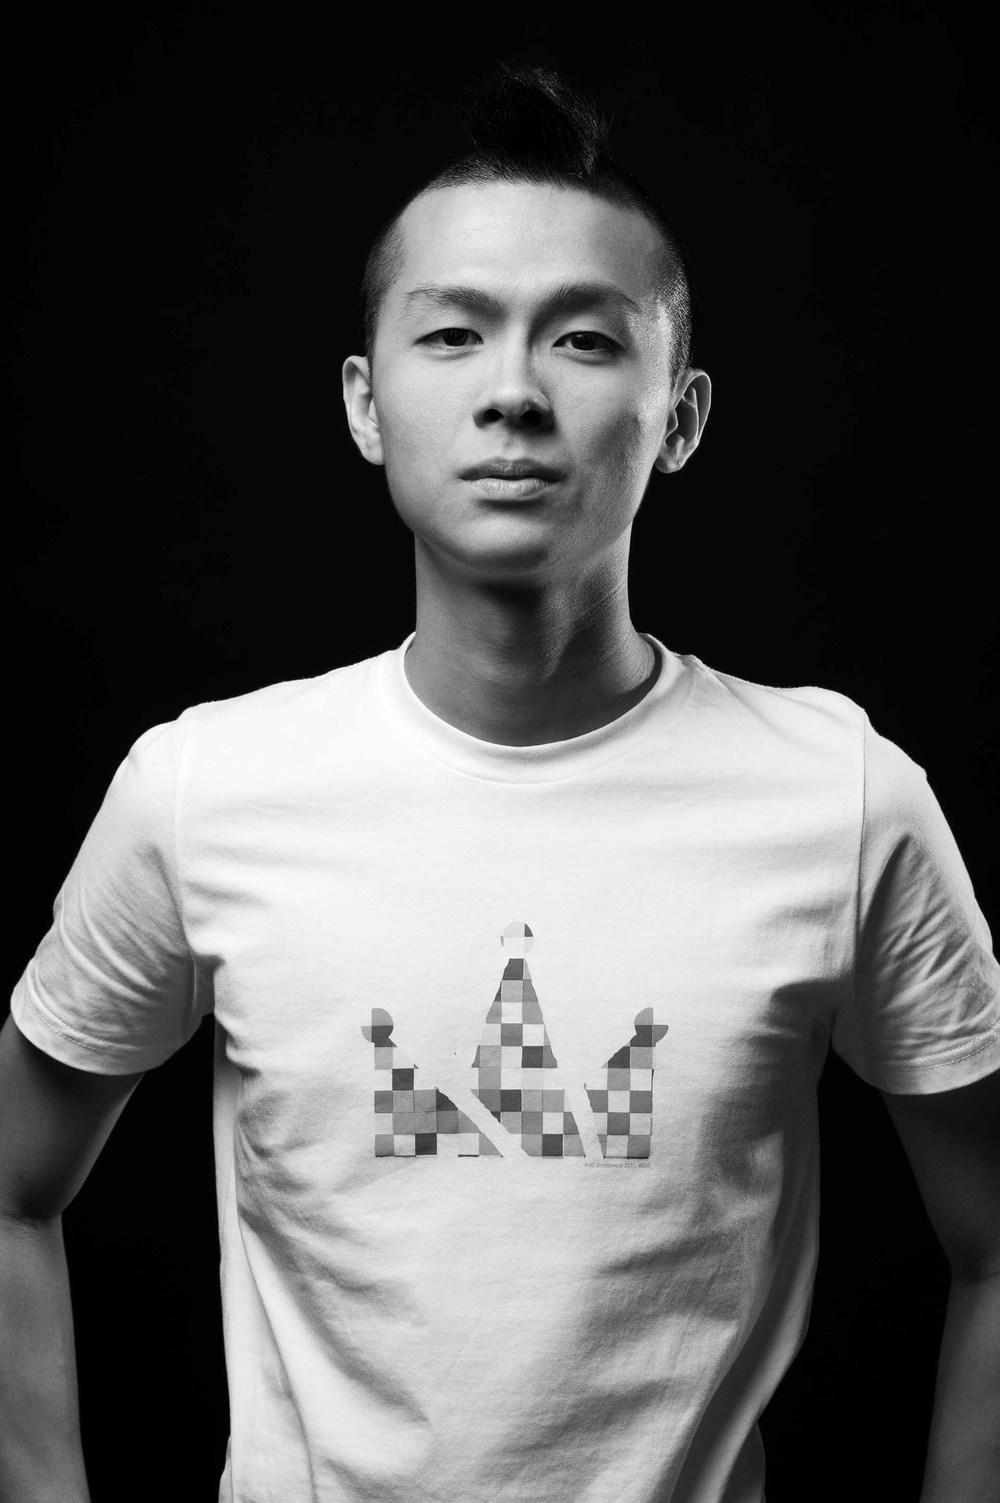 AIP_Portraits-I_Web_024.jpg